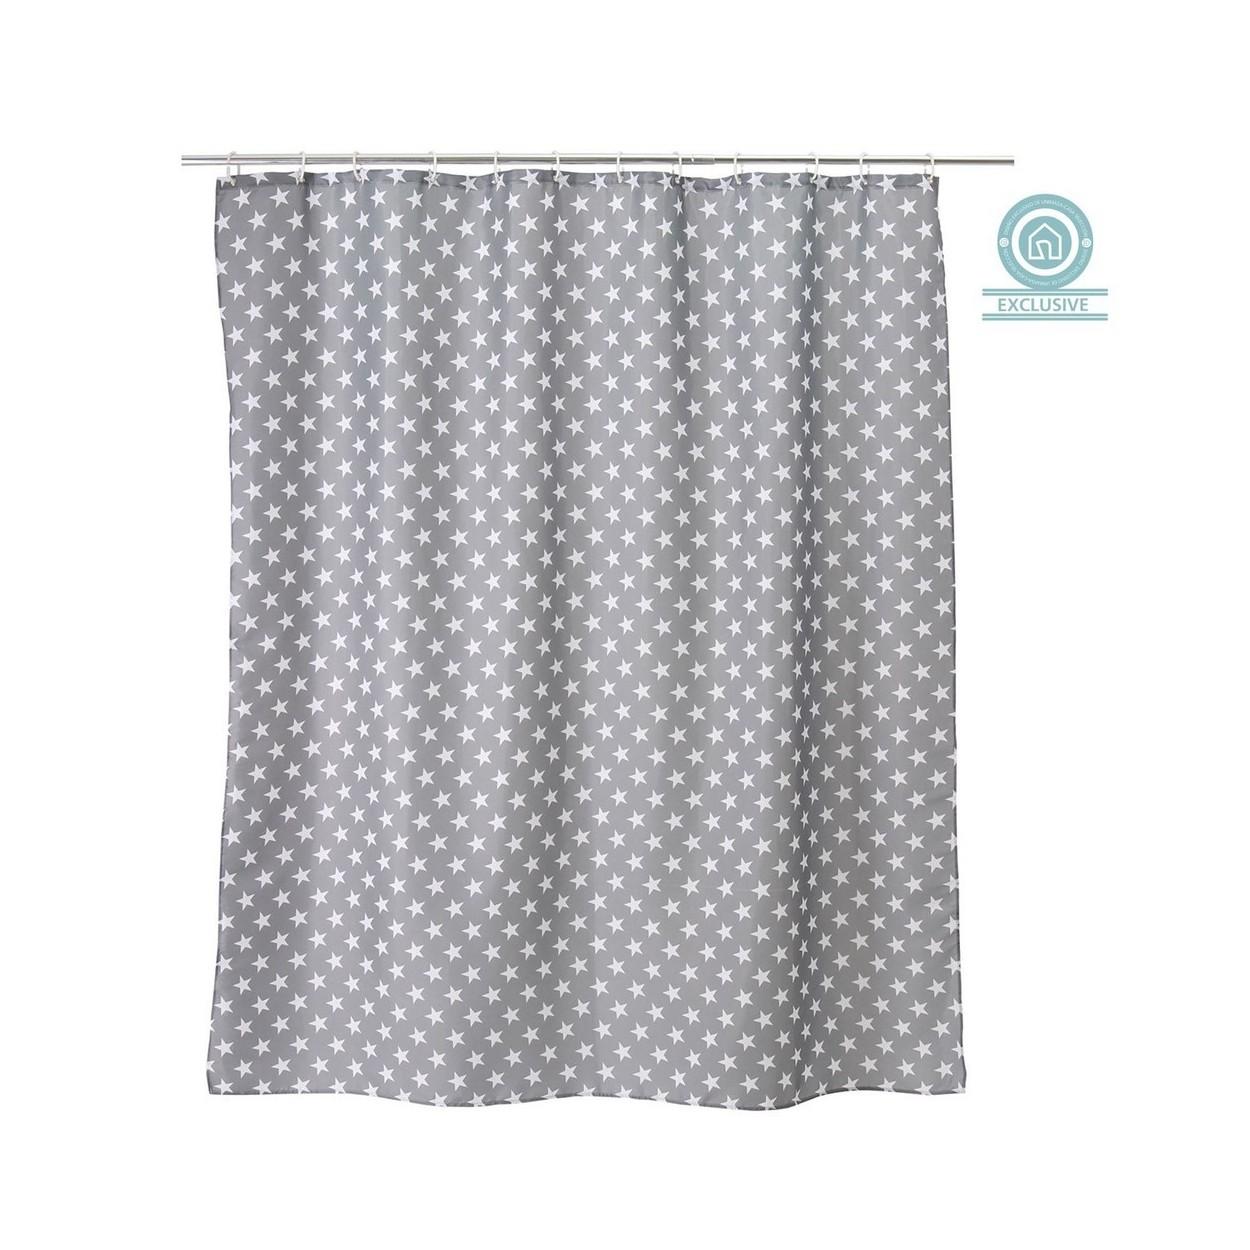 cortina de ba o estrellas color gris hogar y mas hogar y m s. Black Bedroom Furniture Sets. Home Design Ideas